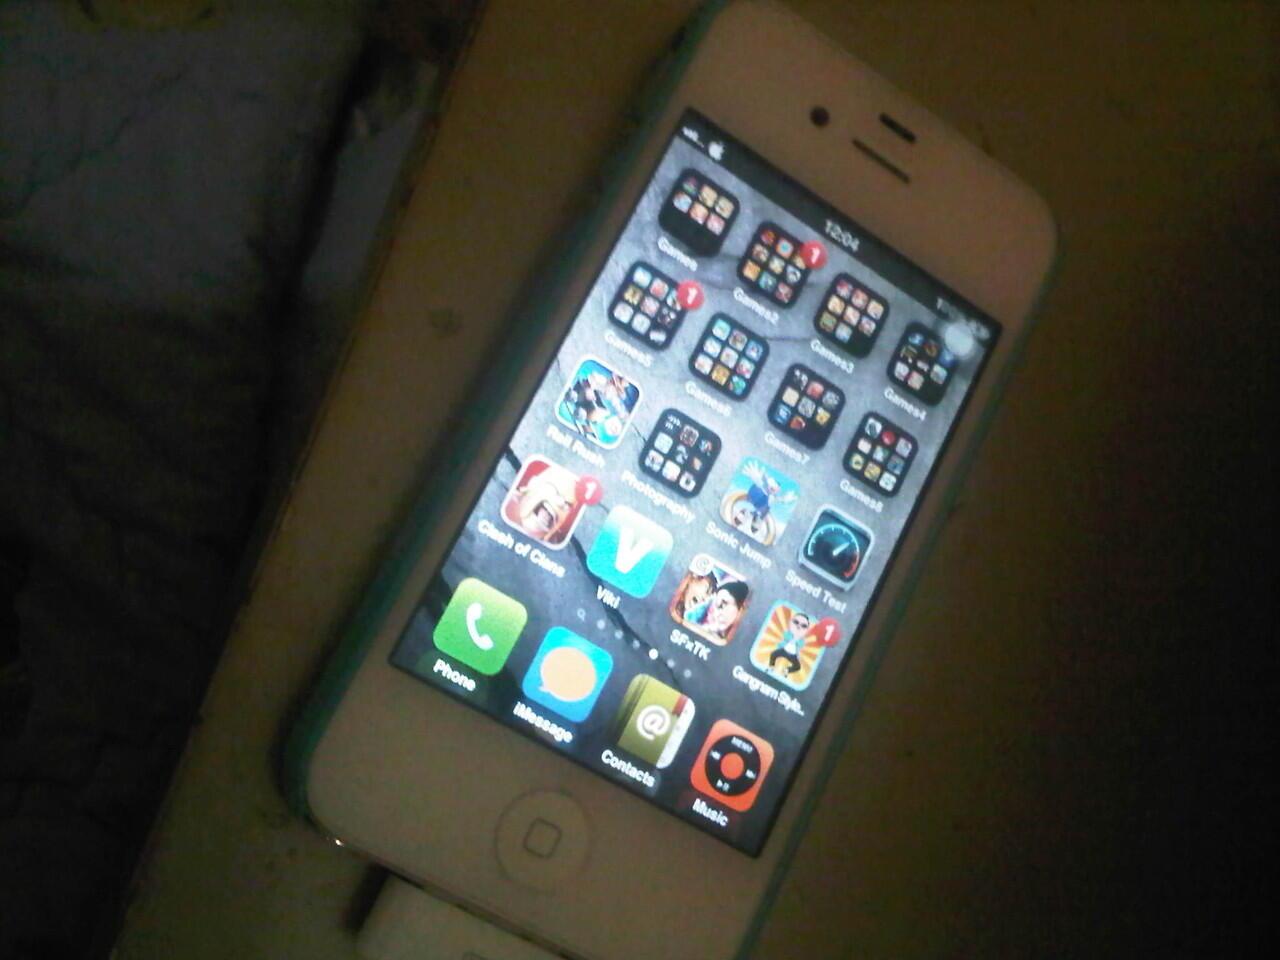 iphone 4S white 16gb mulus 100% , baru 2bulan... MURAH!! jakarta..